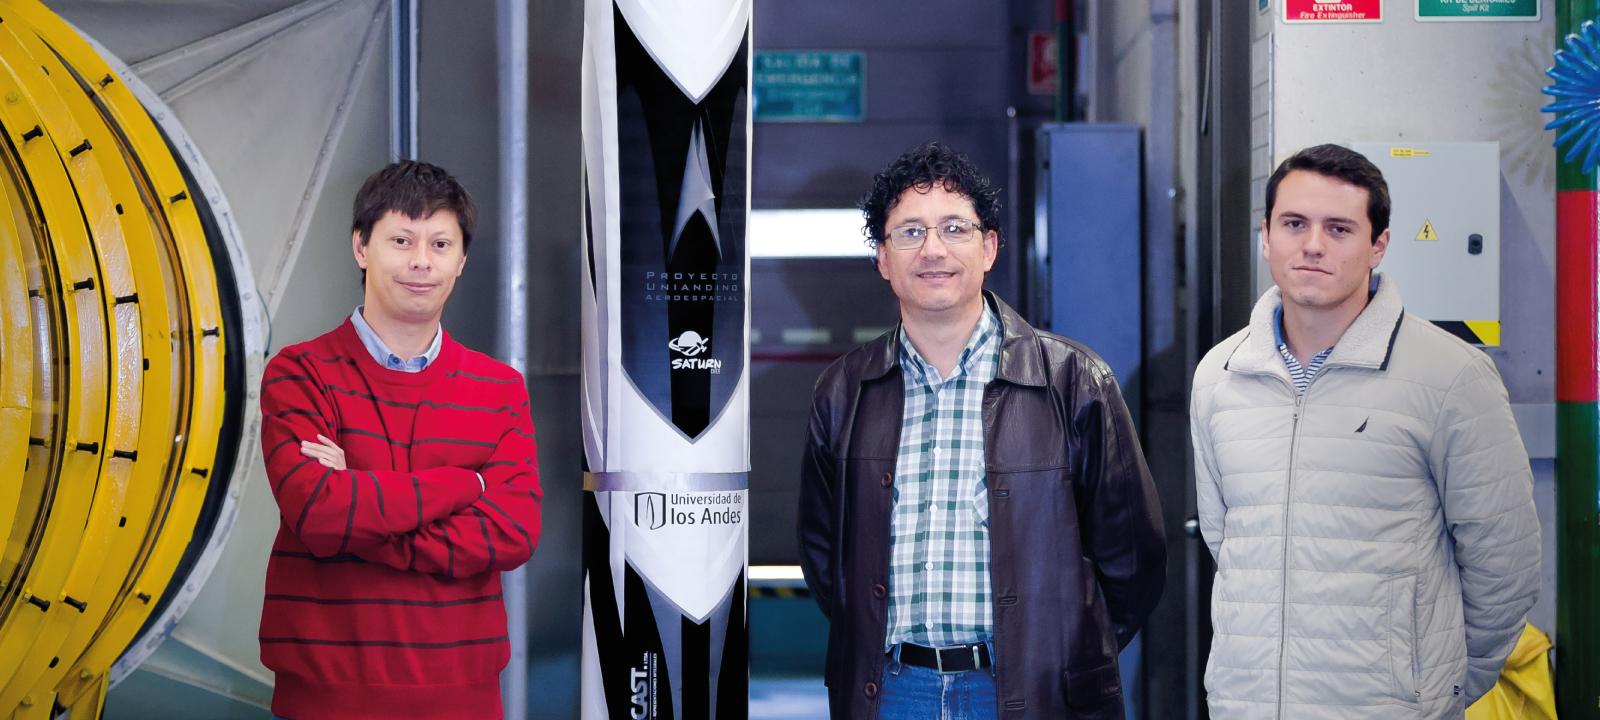 Apoyo en la construccion del cohete por parte del los profesores Johan Osma y Fabio Rojas | Uniandes